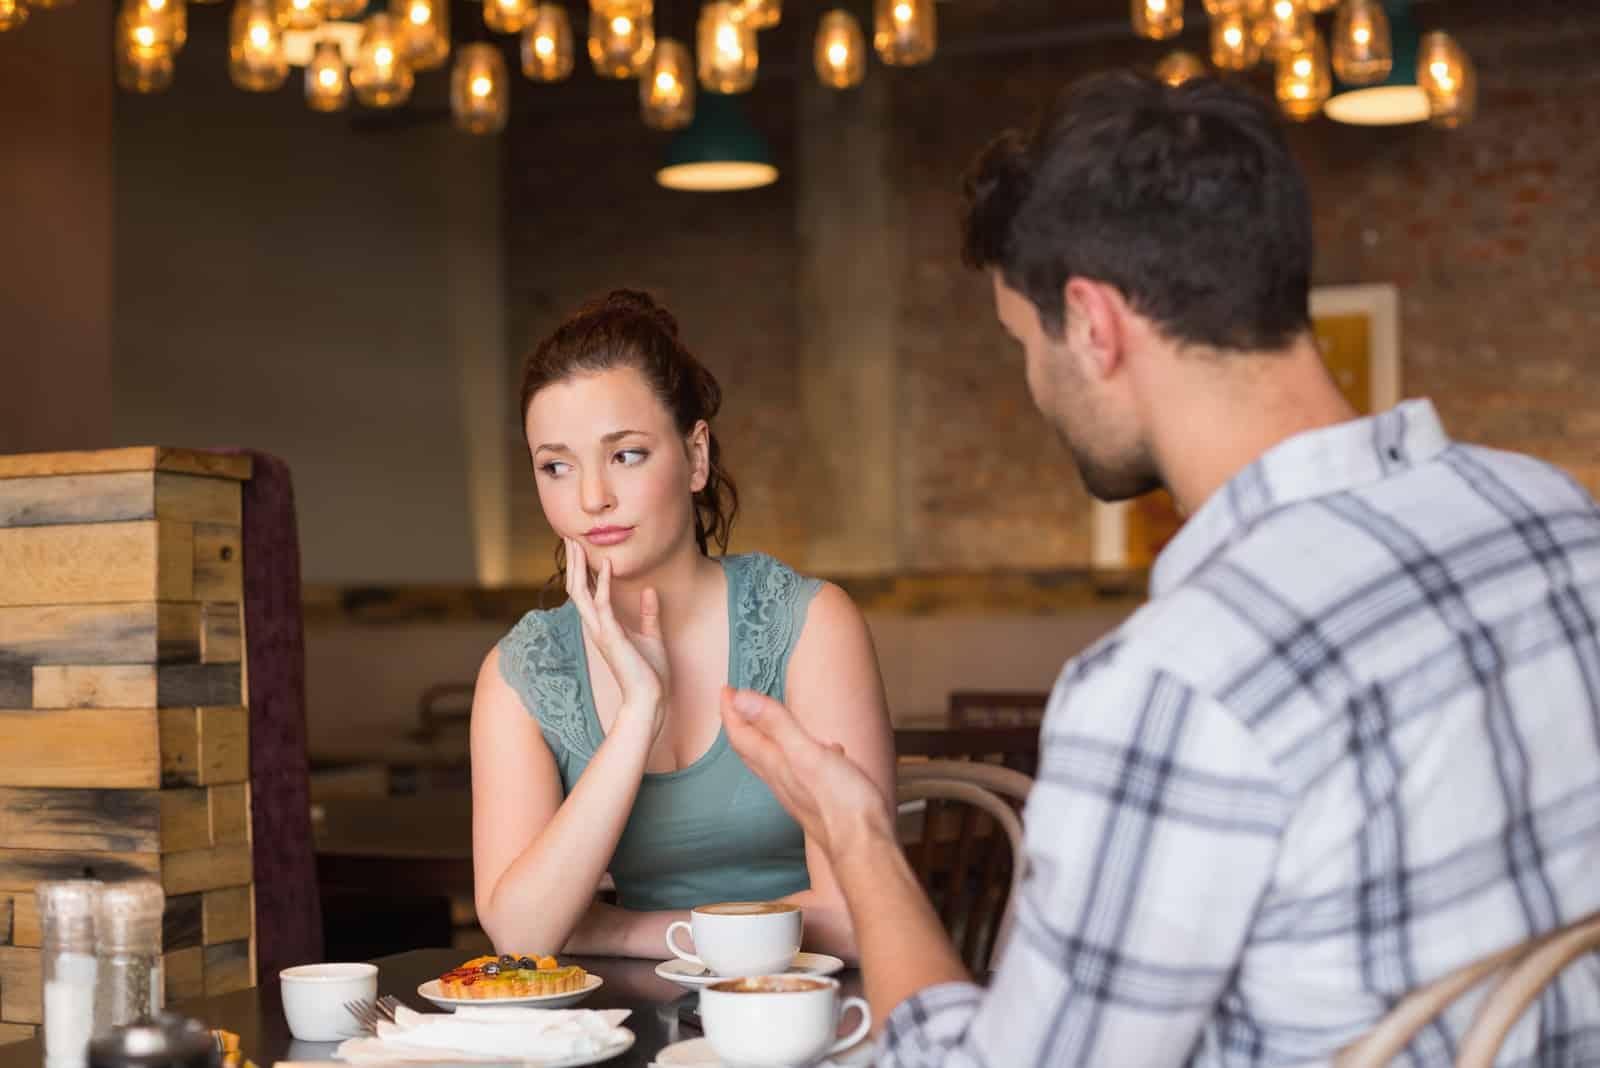 la femme tourna la tête pendant que l'homme lui parlait